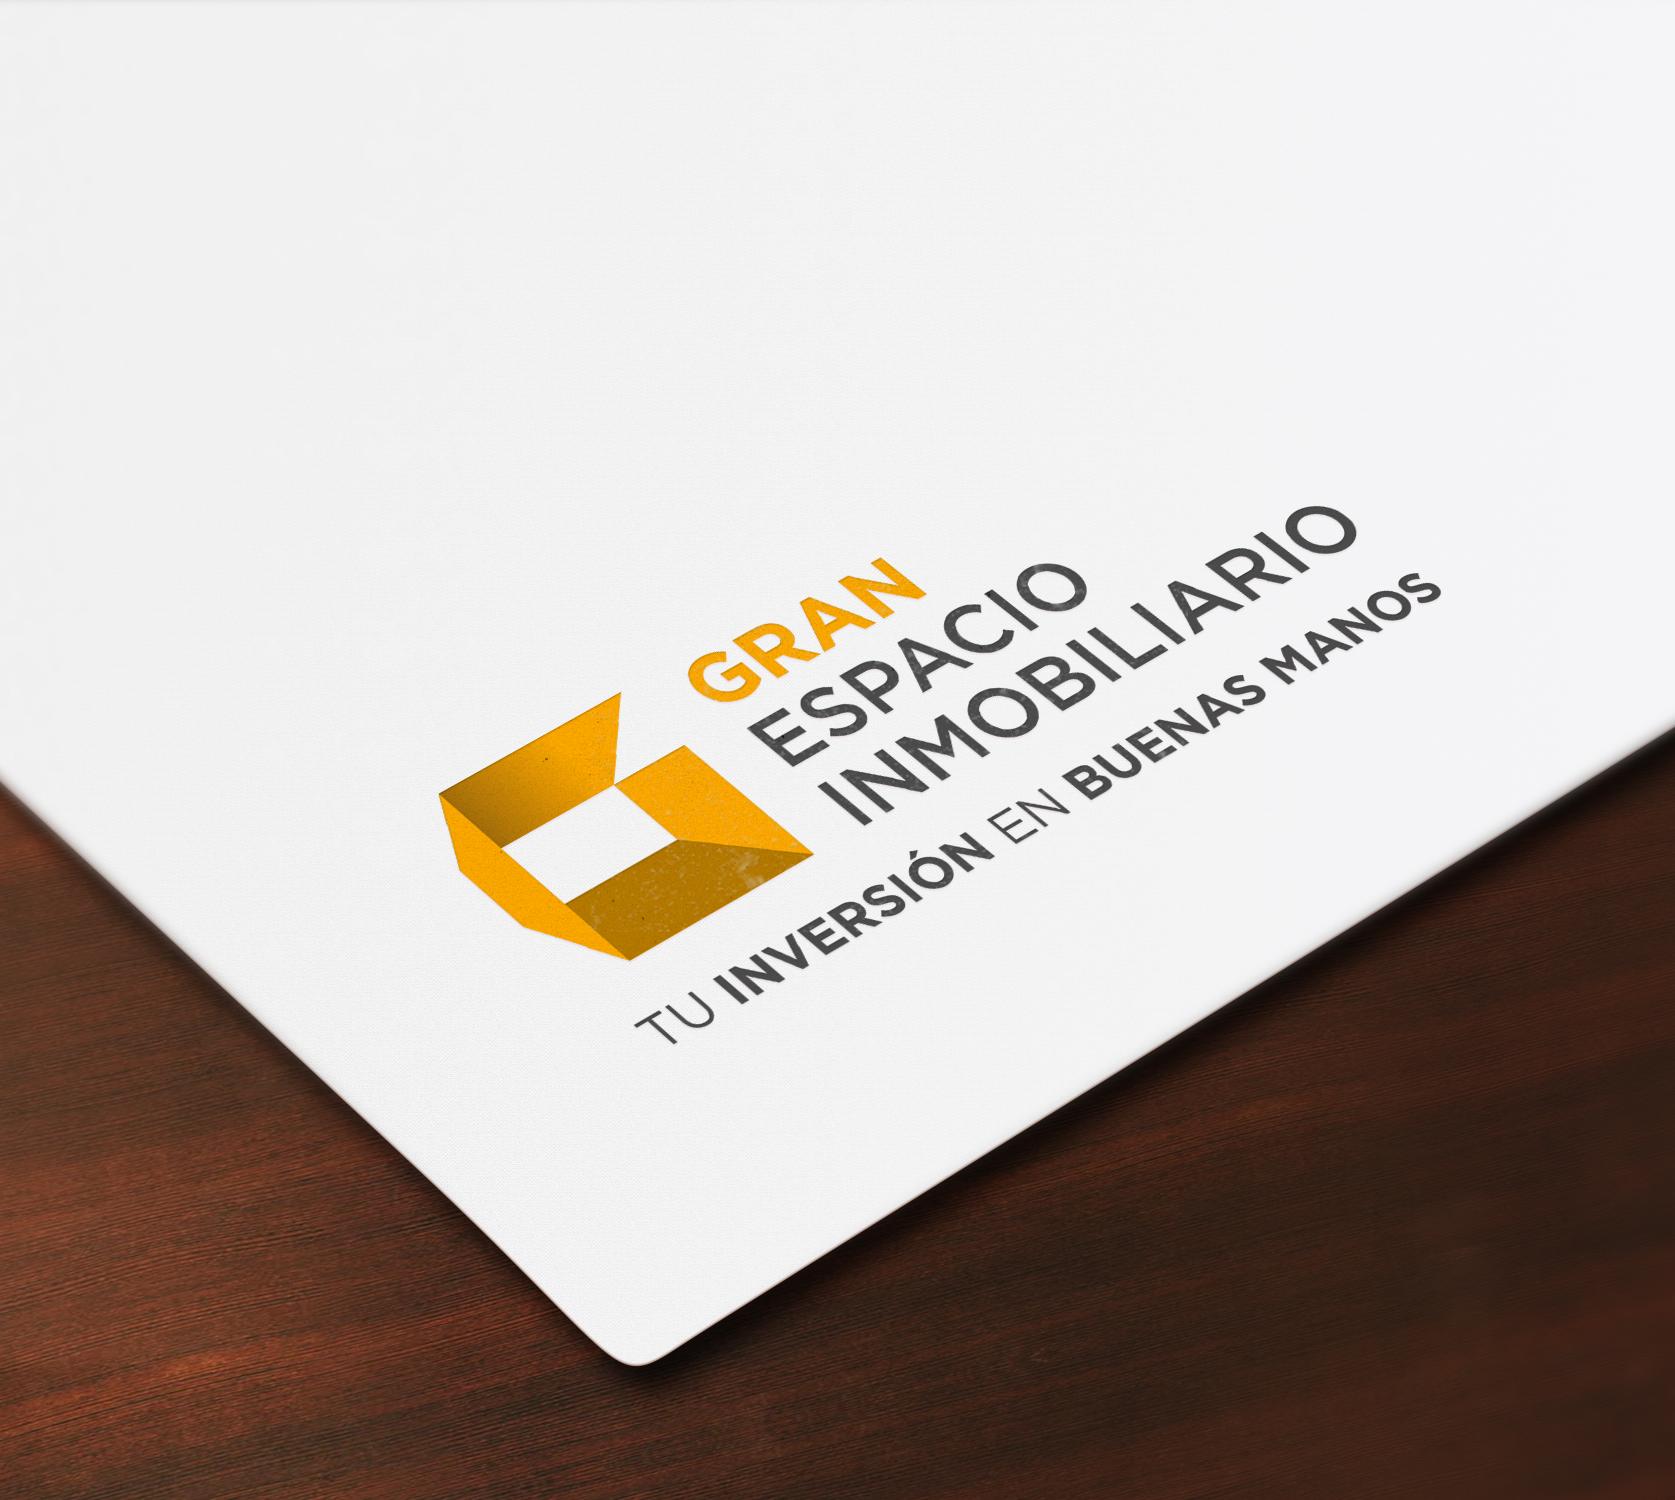 diseña un logotipo potente para nuestra inmobiliaria